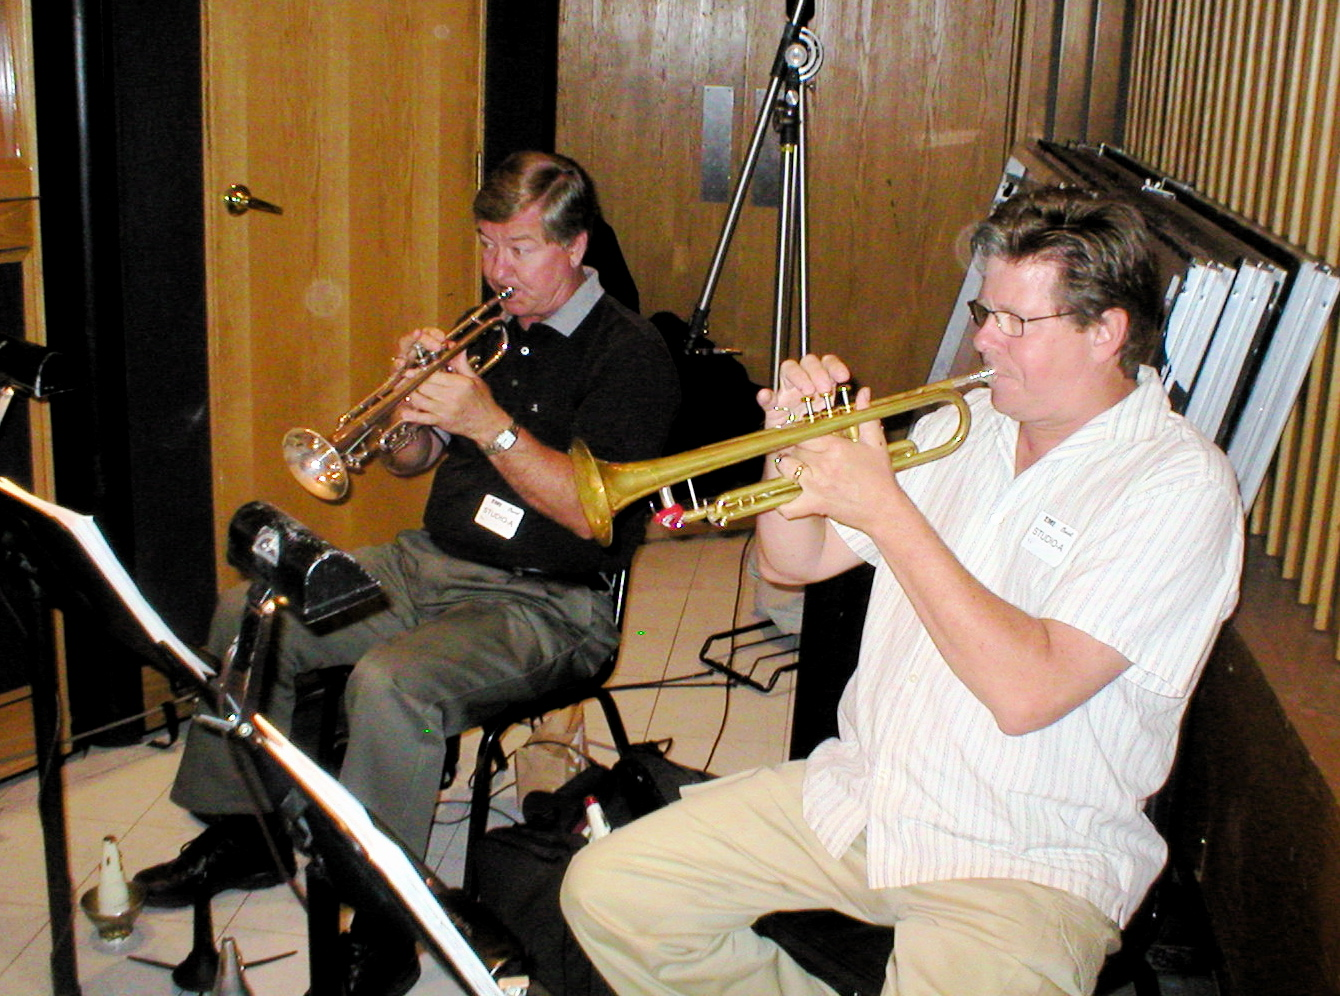 Trumpet royalty, Warren Leuning & Wayne Bergeron